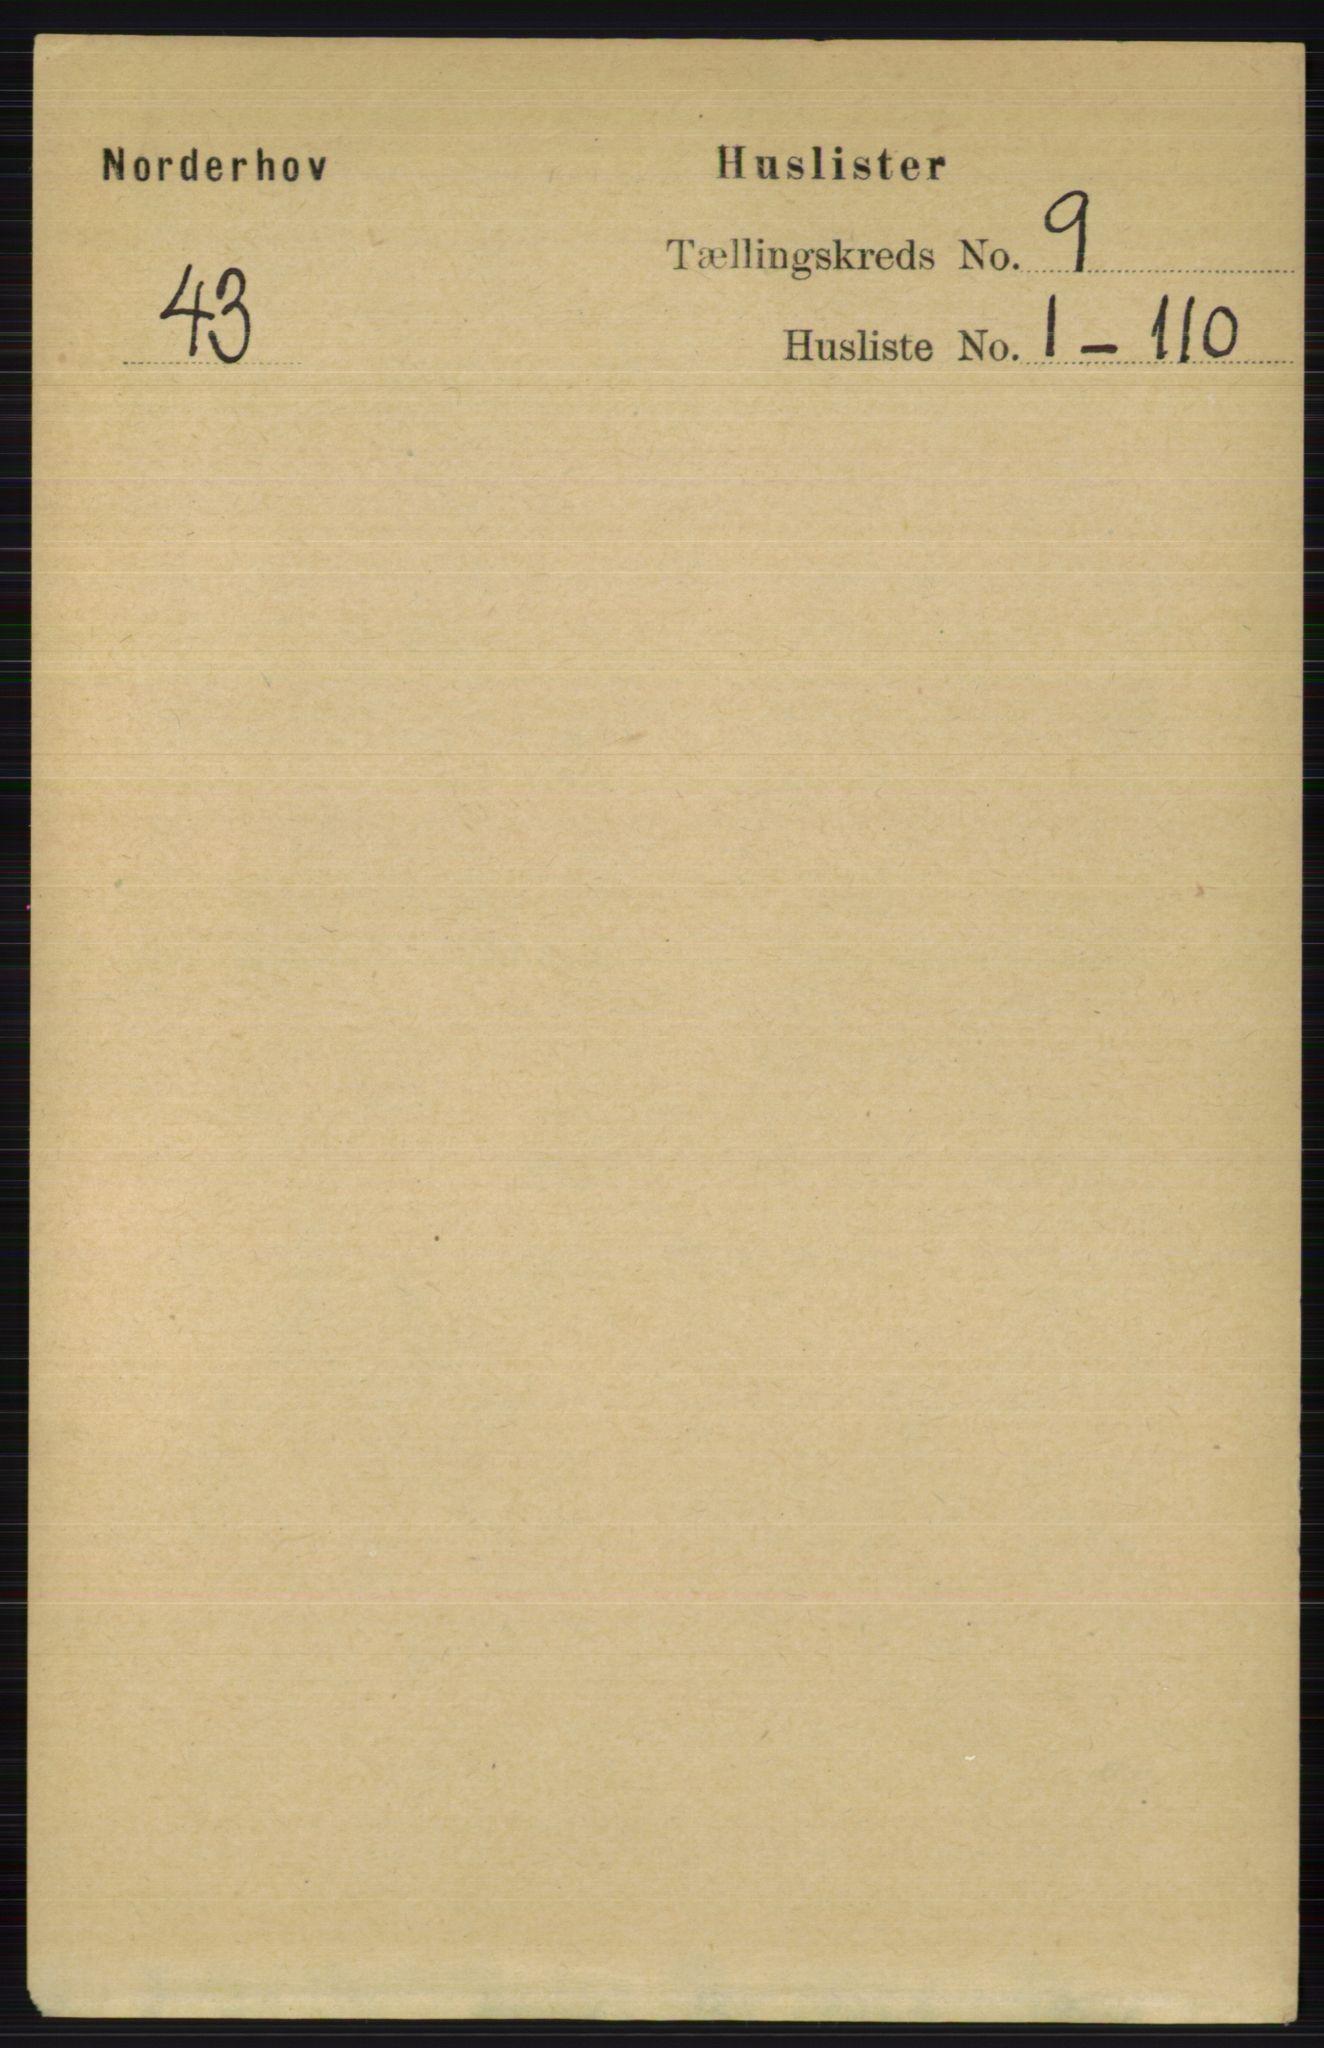 RA, Folketelling 1891 for 0613 Norderhov herred, 1891, s. 6482